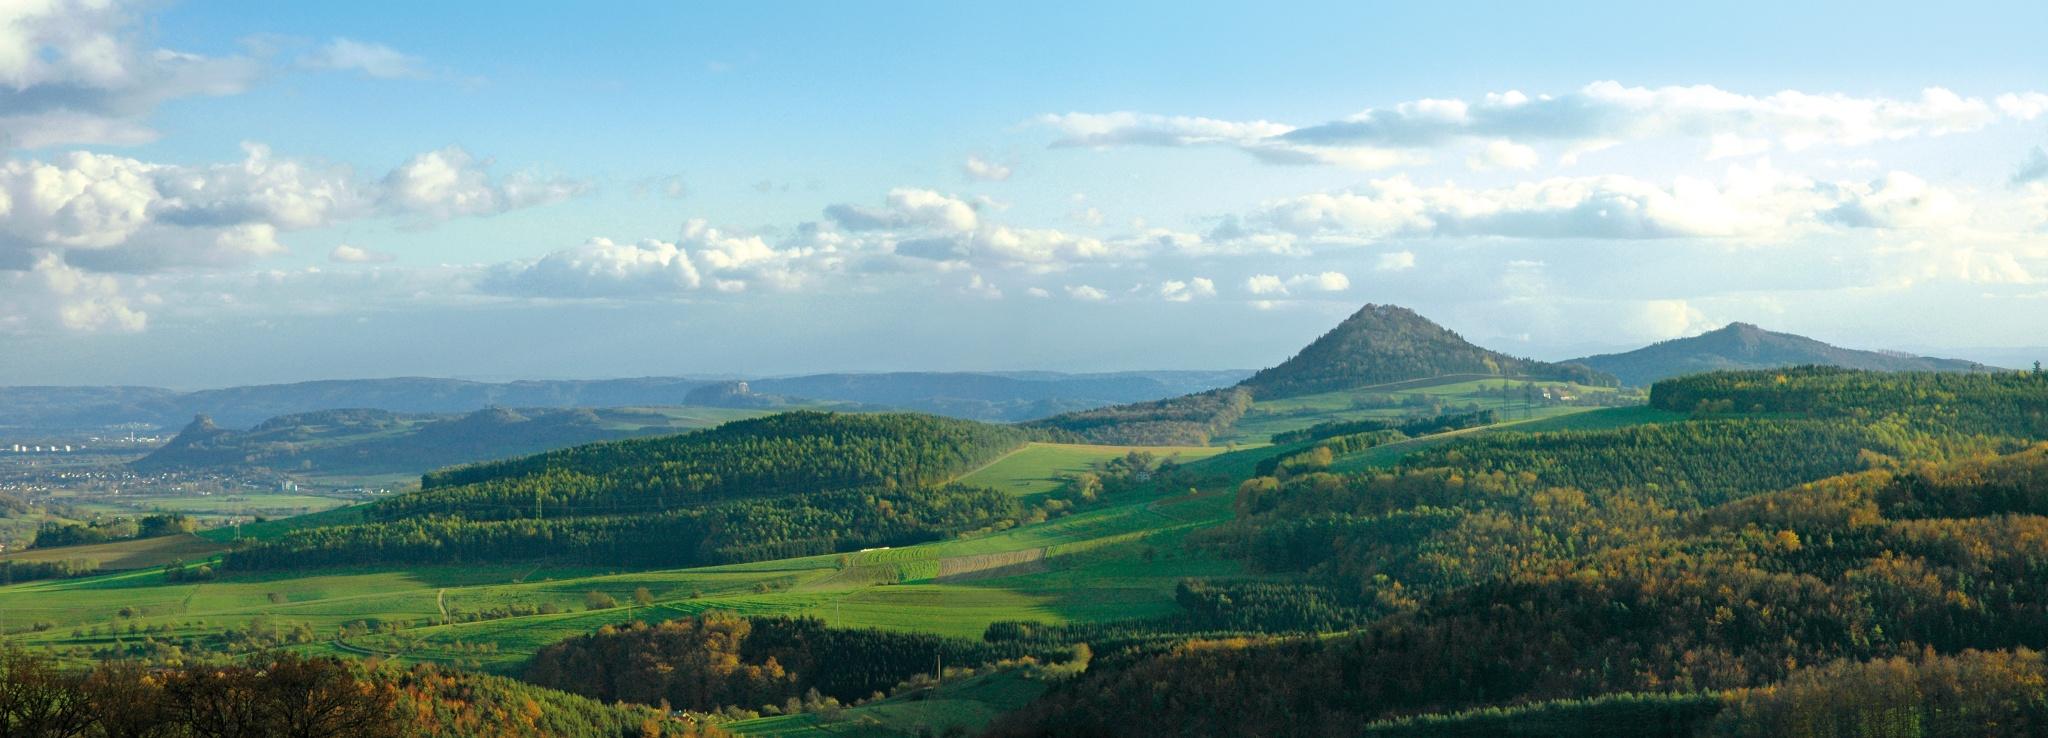 Hegau - Vulkanlandschaft